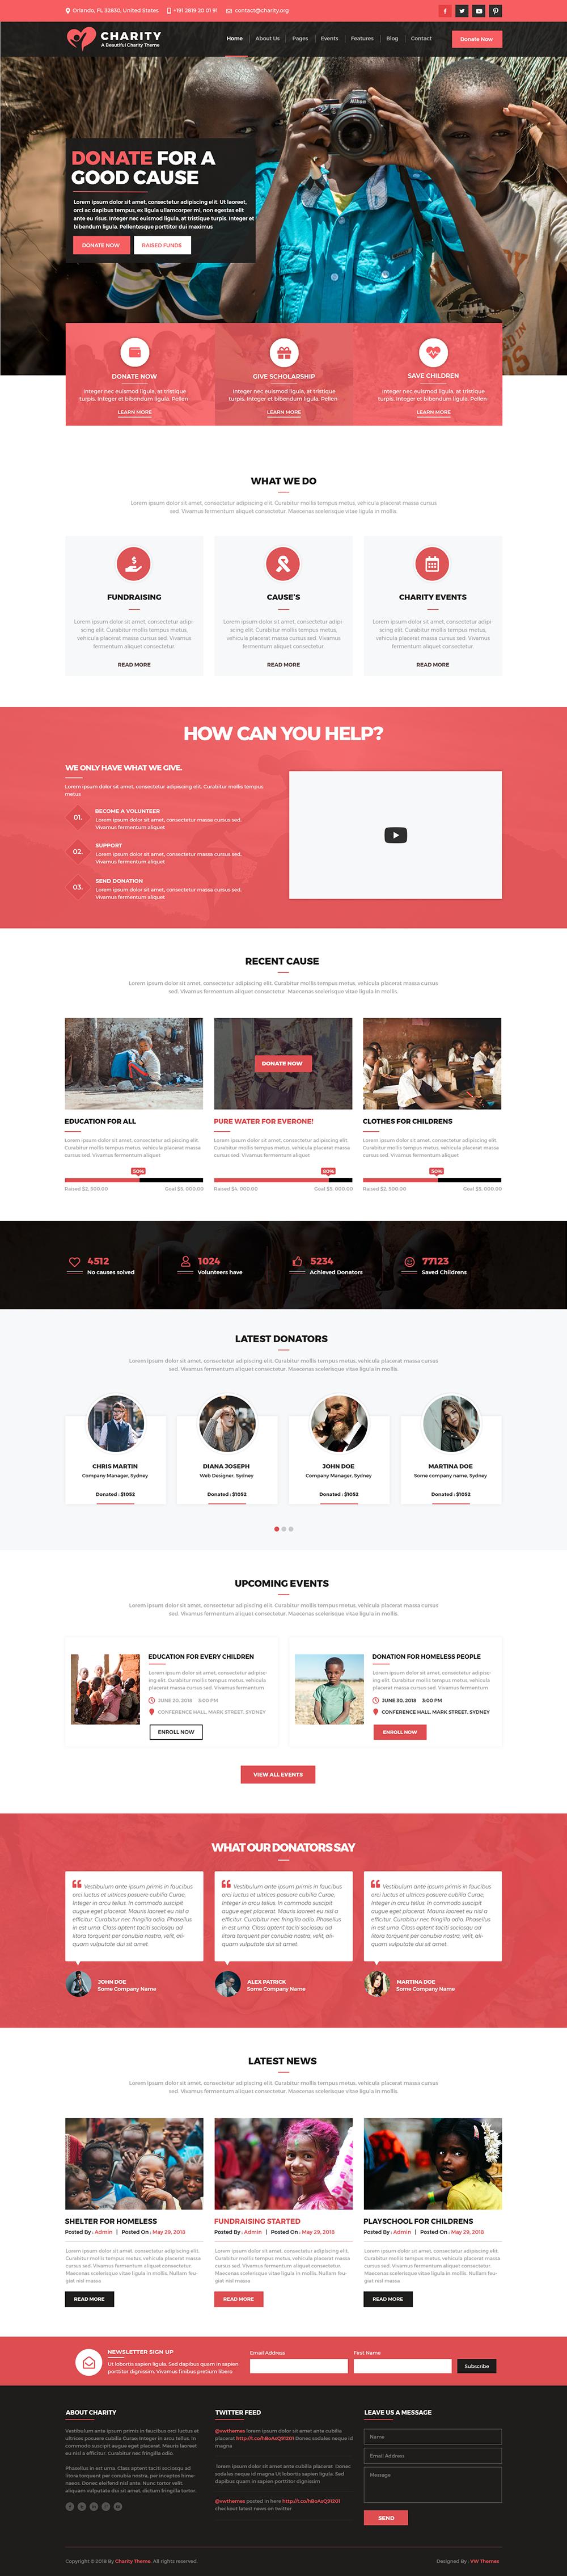 Premium Charity WordPress Theme